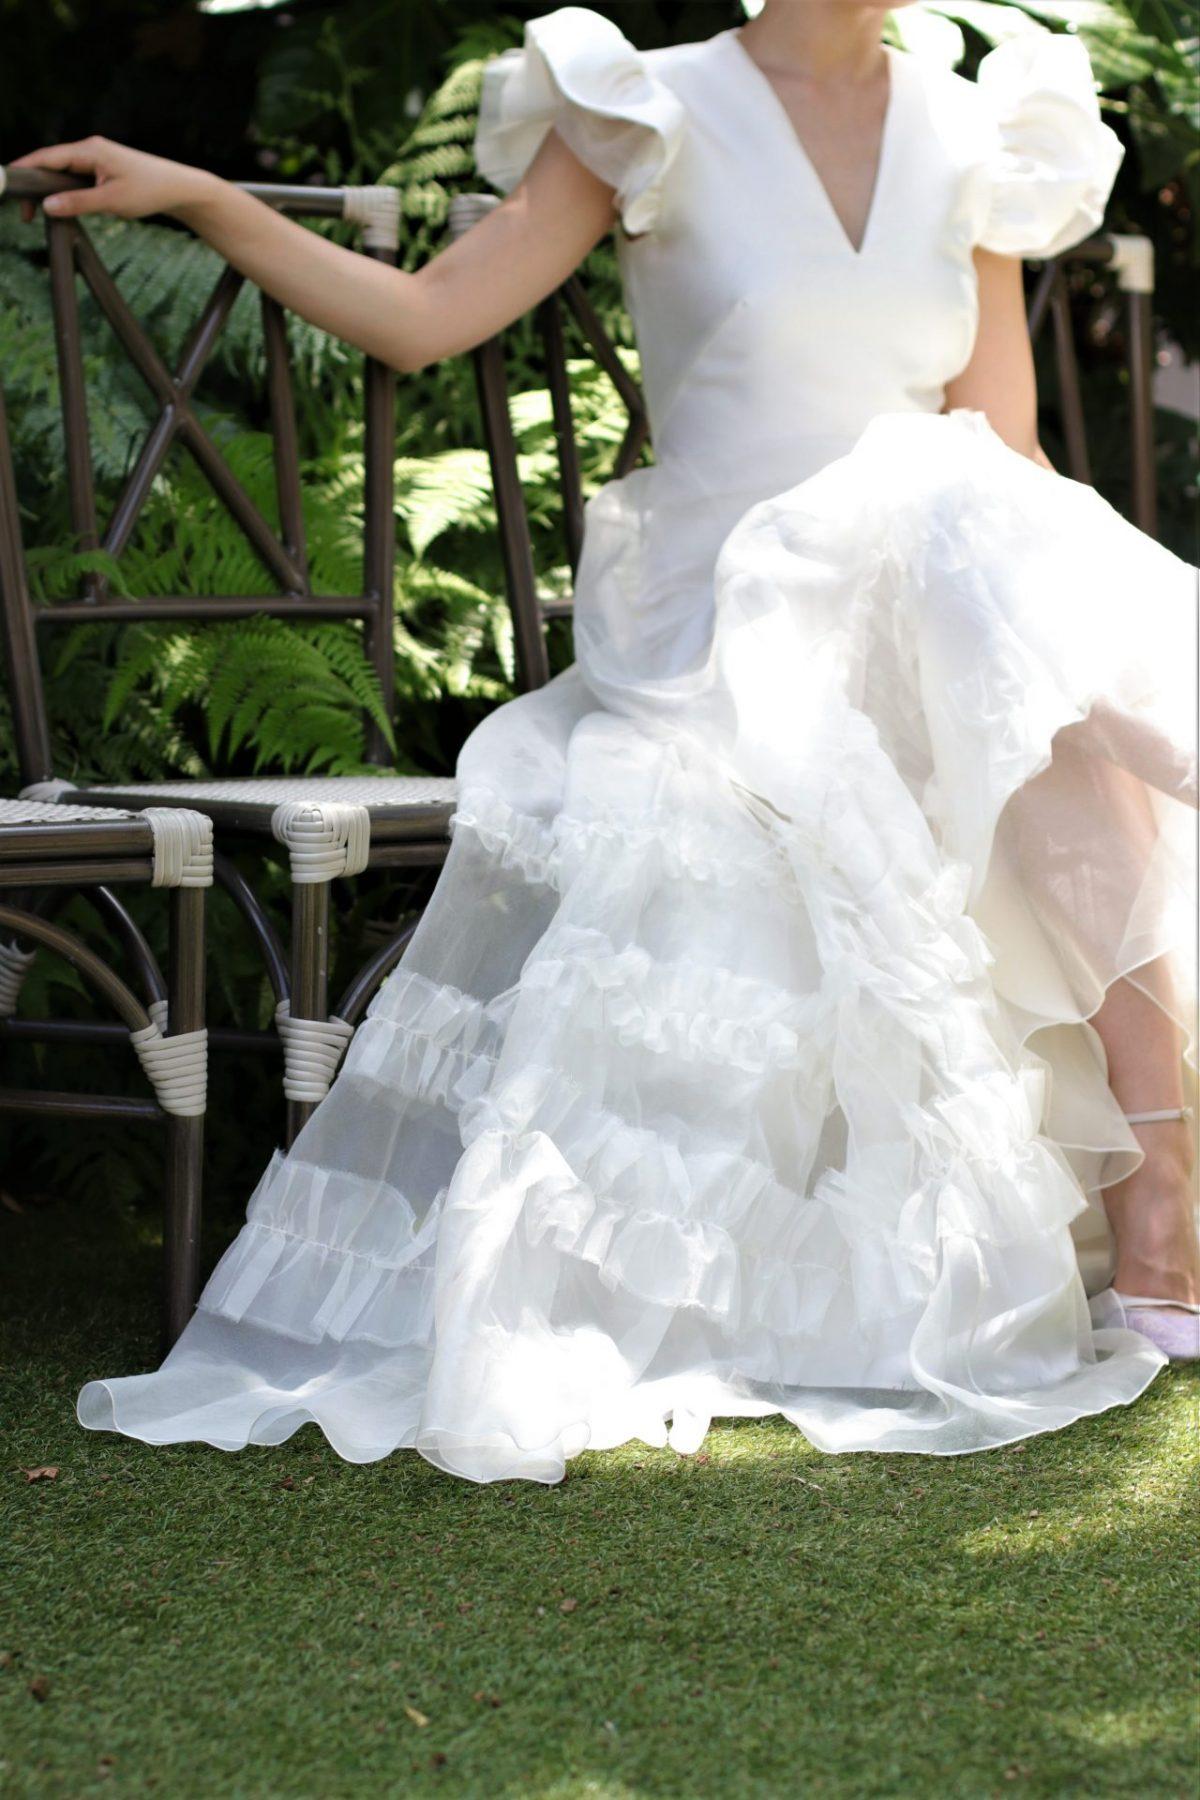 ガーデンウェディングがレストランウェディングの花嫁様に人気のザ・トリート・ドレッシング アディション店では、前撮りや披露宴で写真映えするようなオシャレで可愛いインポートドレスをレンタルで取り扱っています